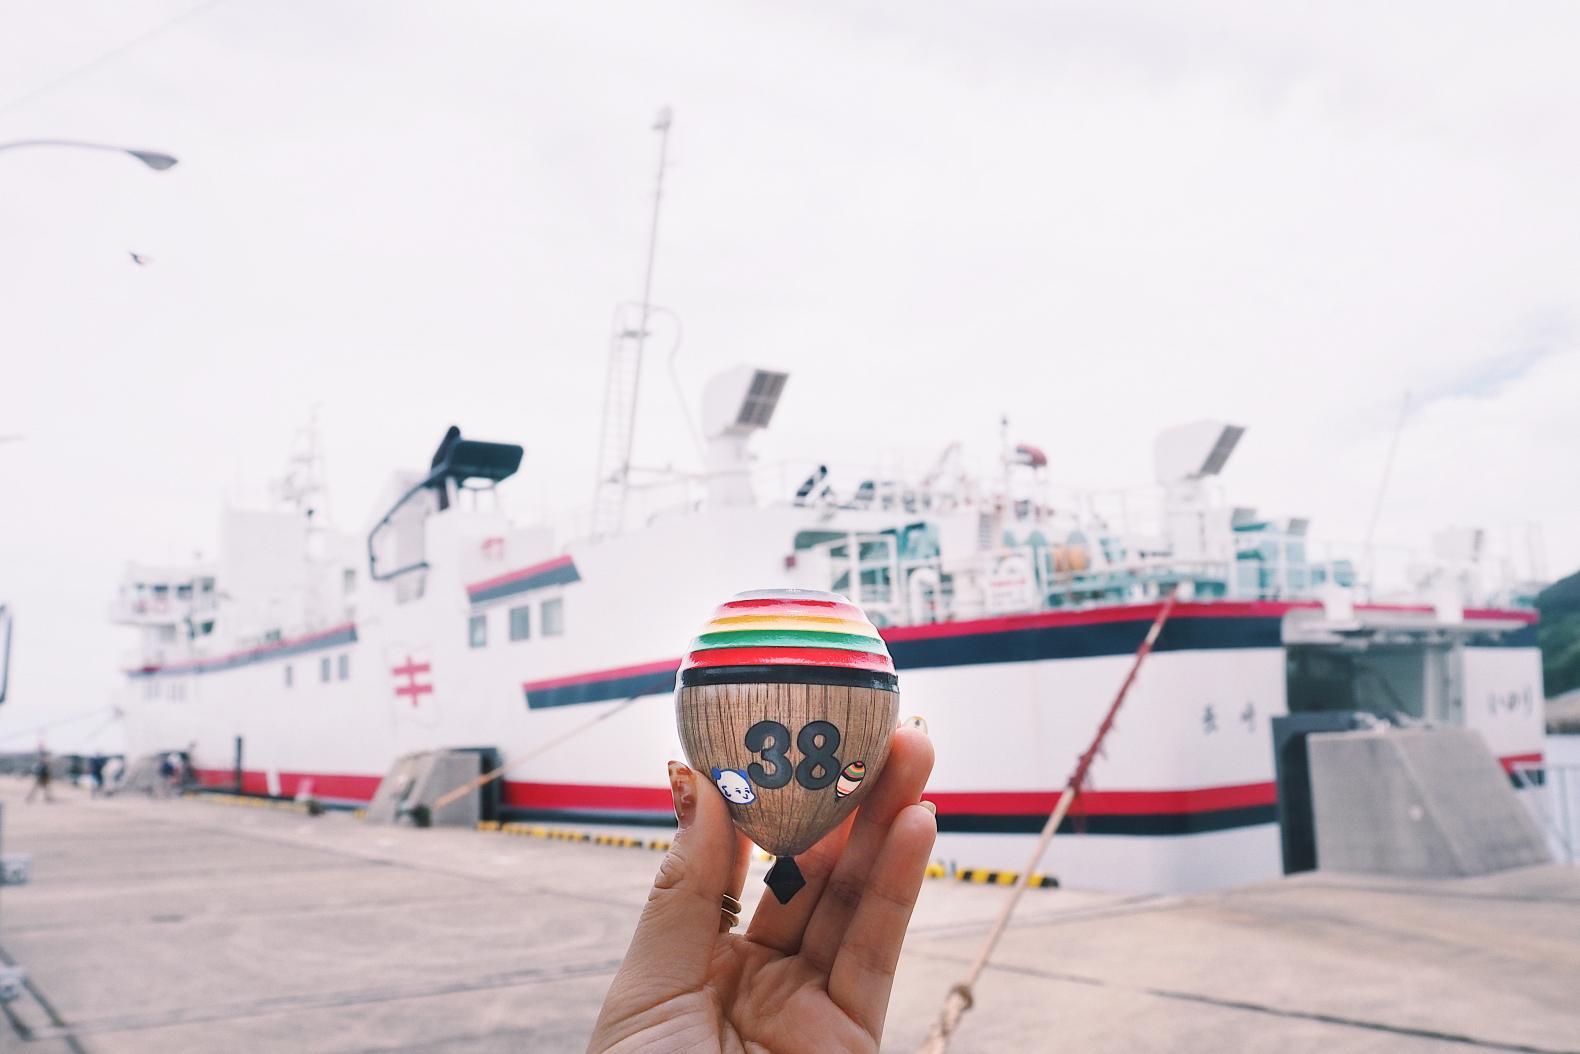 佐世保港「鯨瀬ターミナル」から、最短片道1時間半の船旅へ!-5